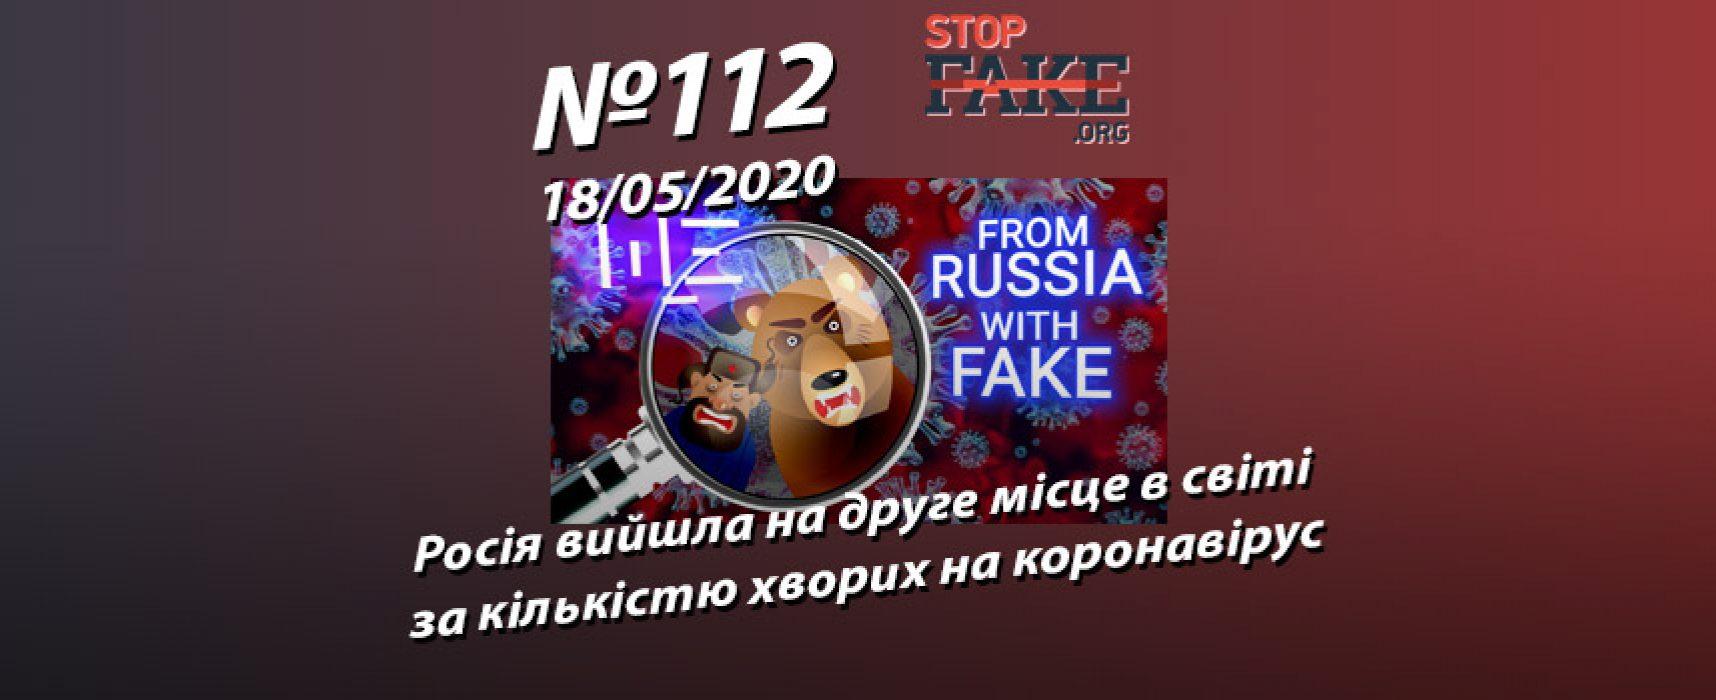 Росія впевнено вийшла на друге місце в світі за кількістю хворих на коронавірус – StopFake.org